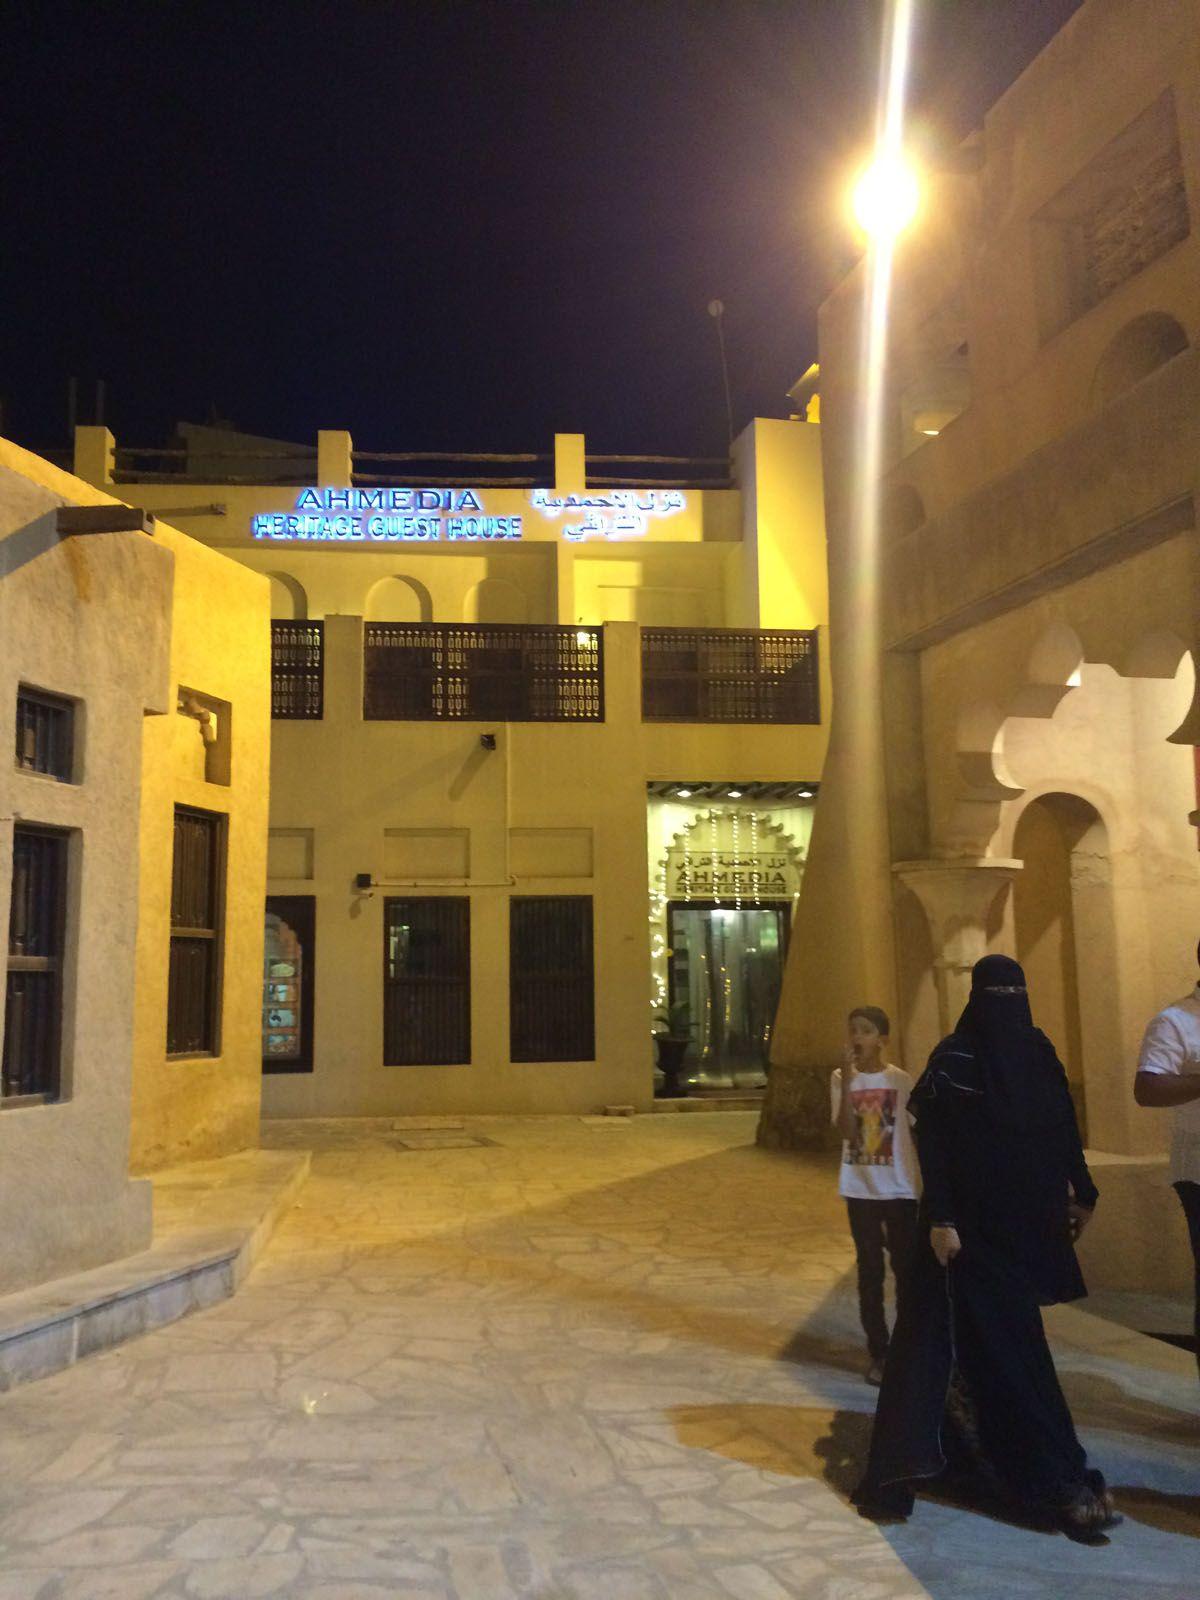 ドバイの歴史を感じる旧市街